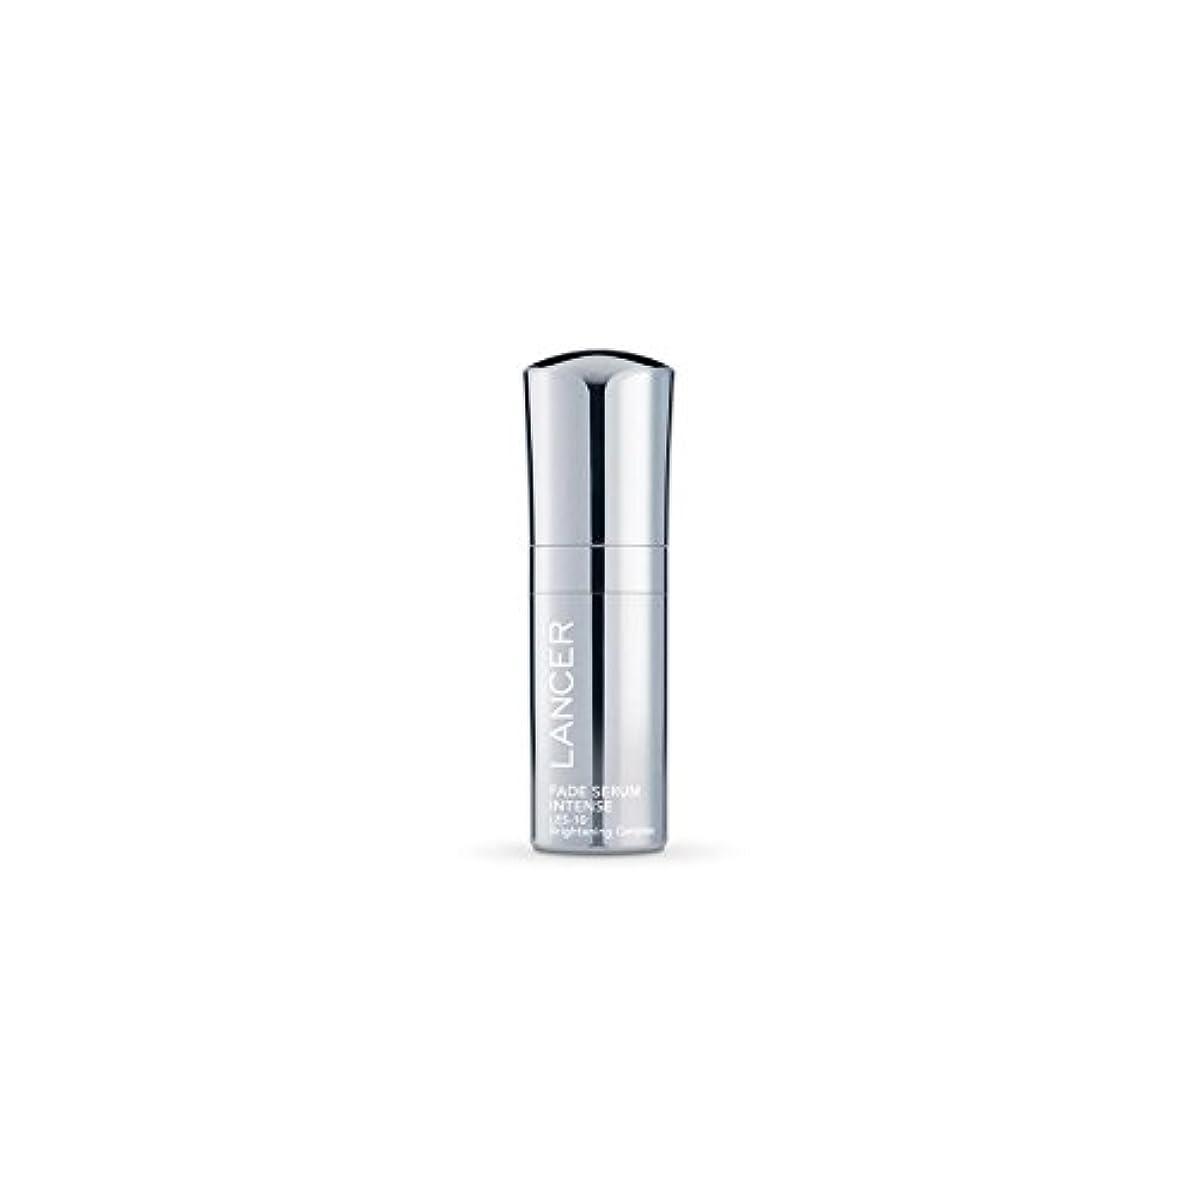 日食歯車中古強烈ランサースキンケアフェード血清(30ミリリットル) x4 - Lancer Skincare Fade Serum Intense (30ml) (Pack of 4) [並行輸入品]